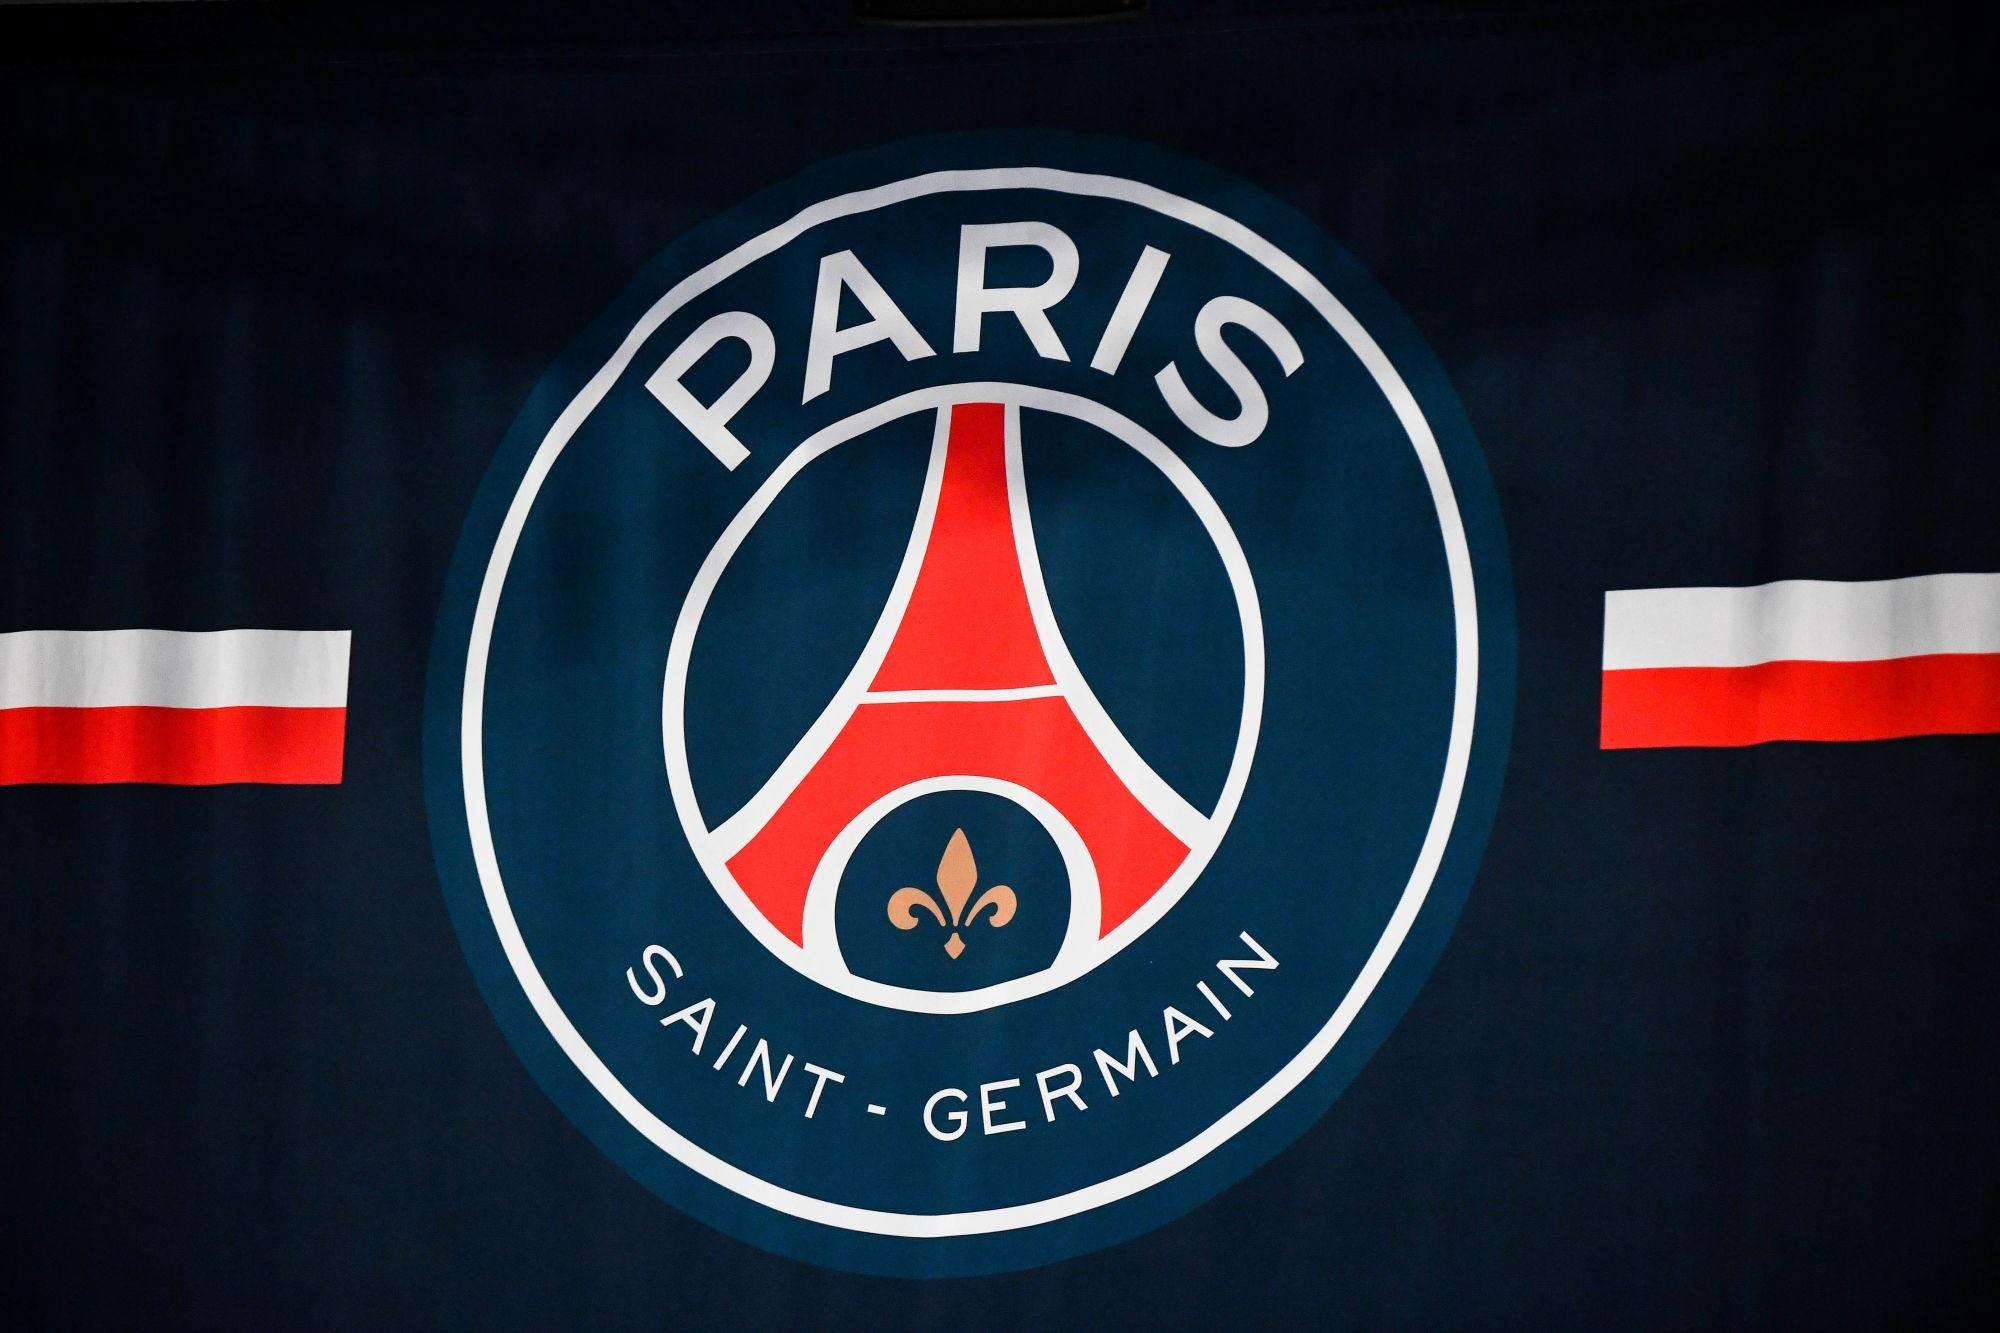 Le PSG sanctionné d'une amende de 700 000 euros par la DGCCRF